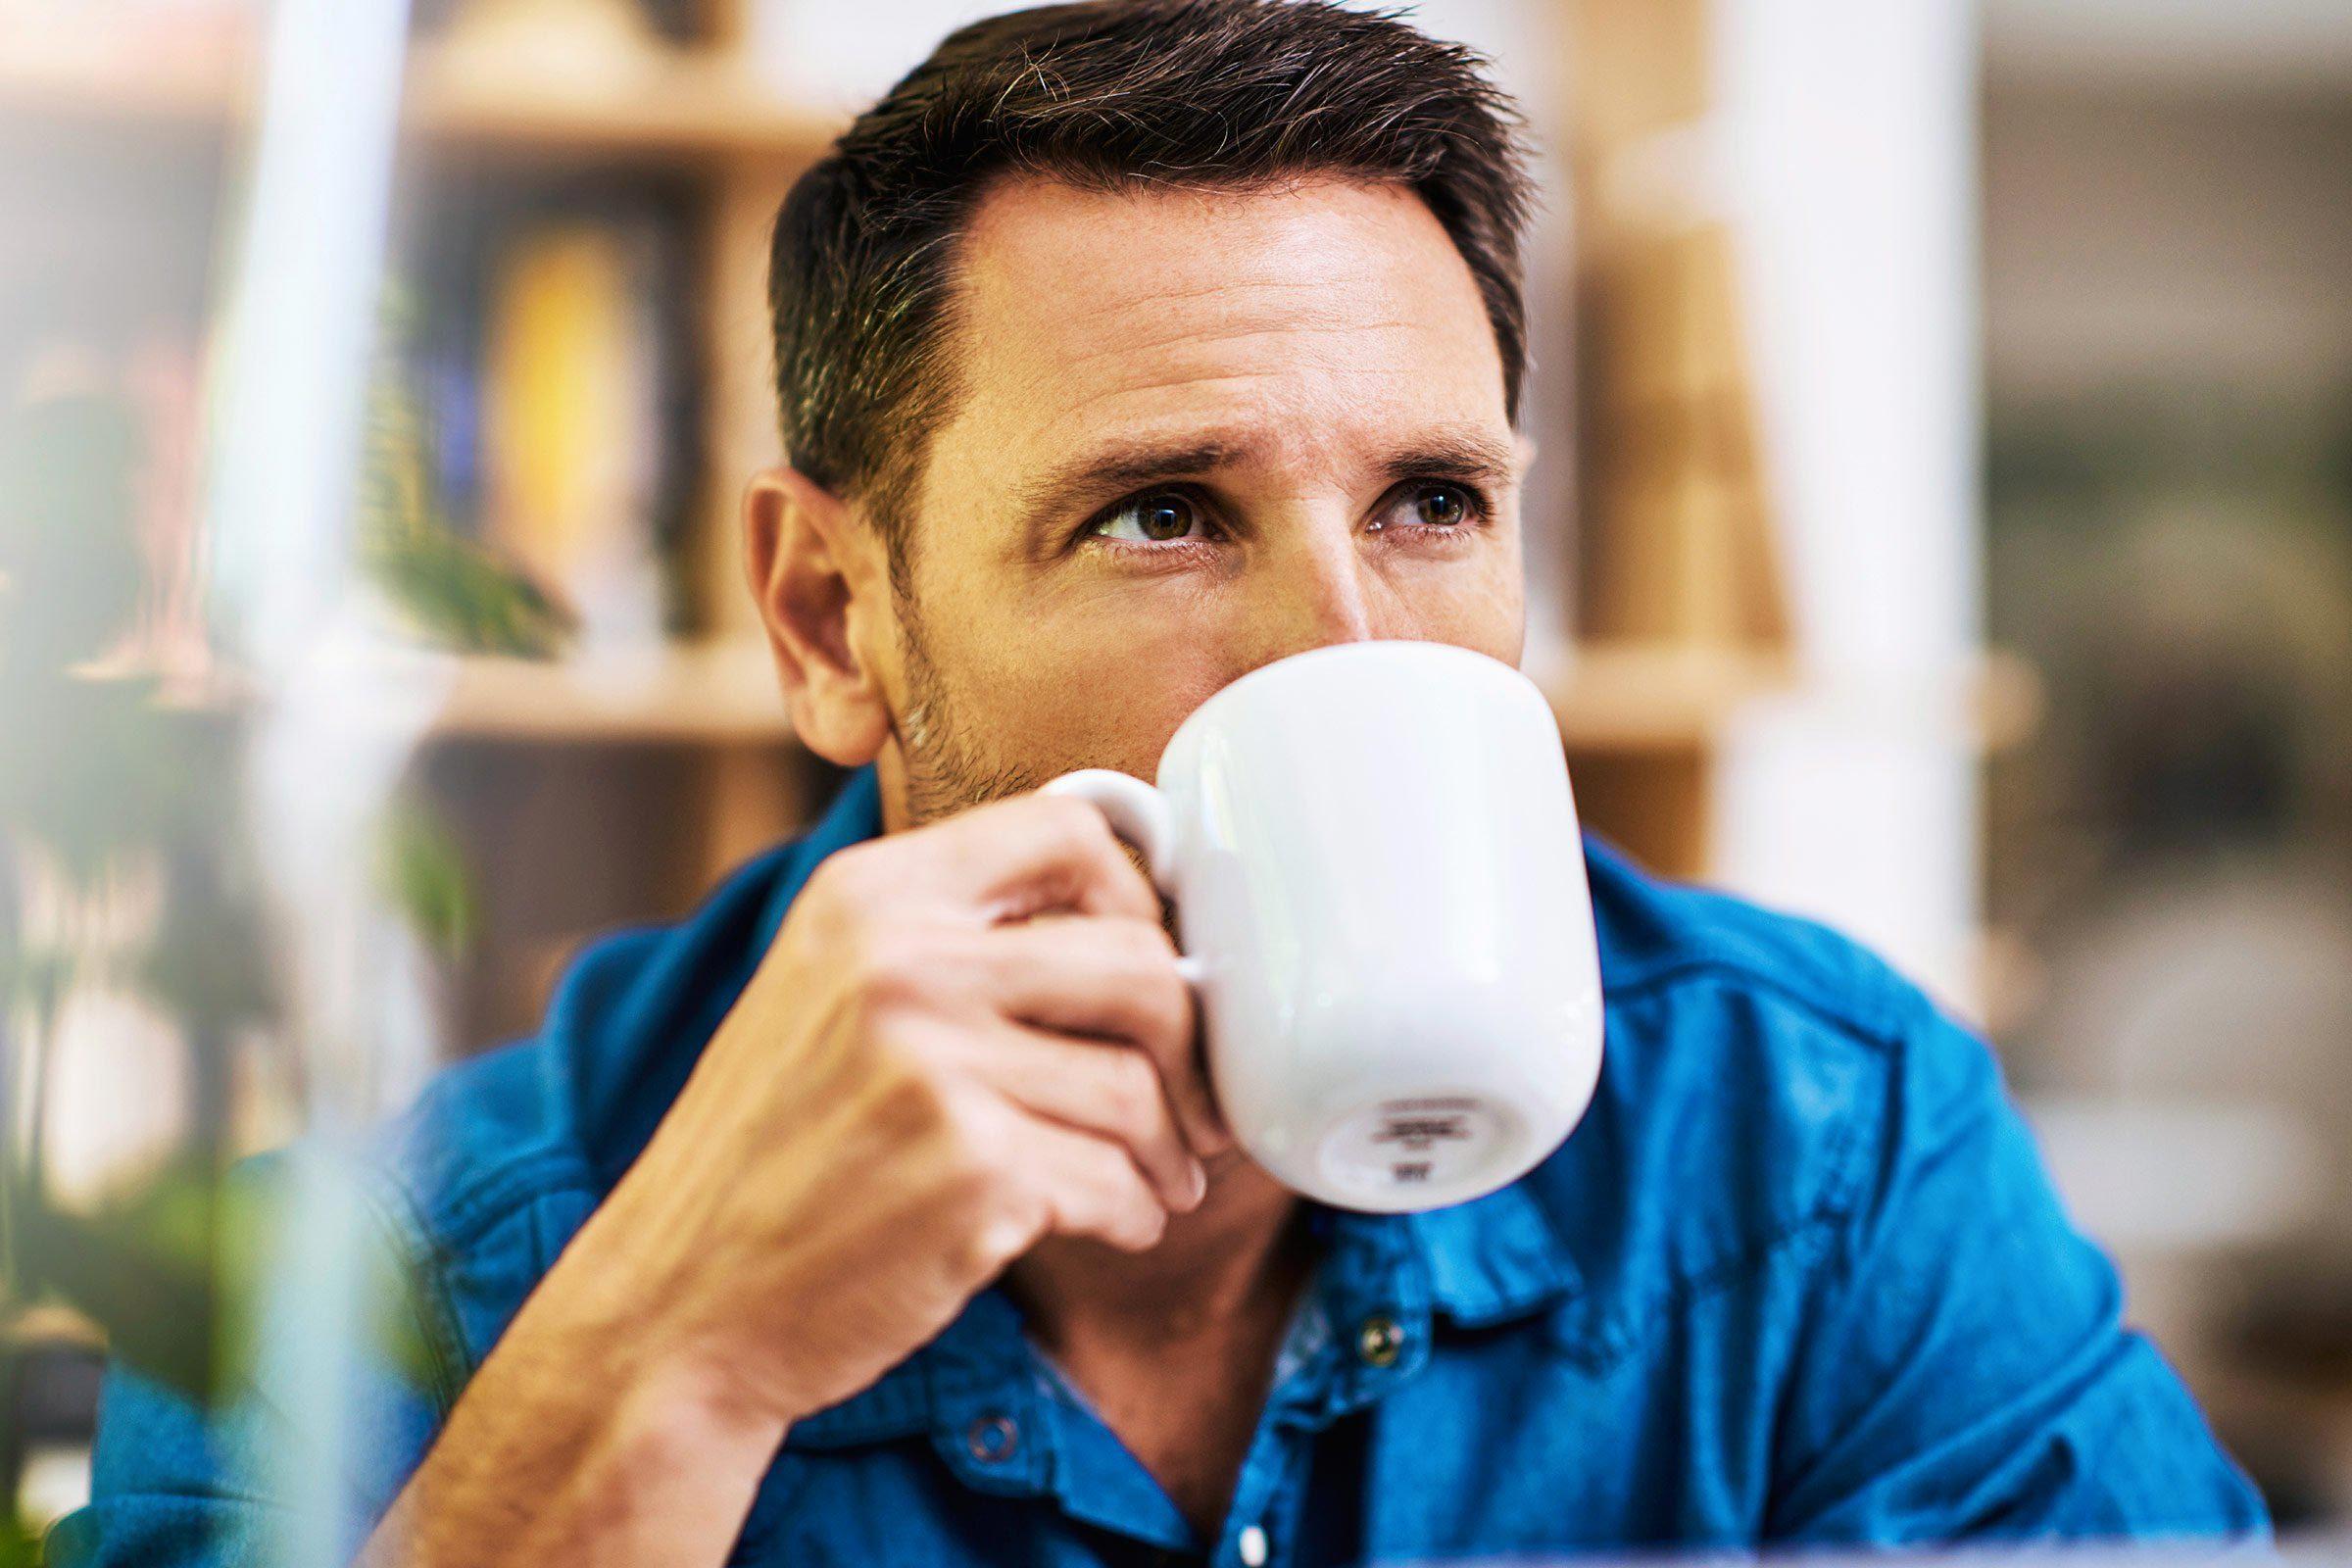 Pour mieux dormir, buvez votre dernière tasse de café à 13h.